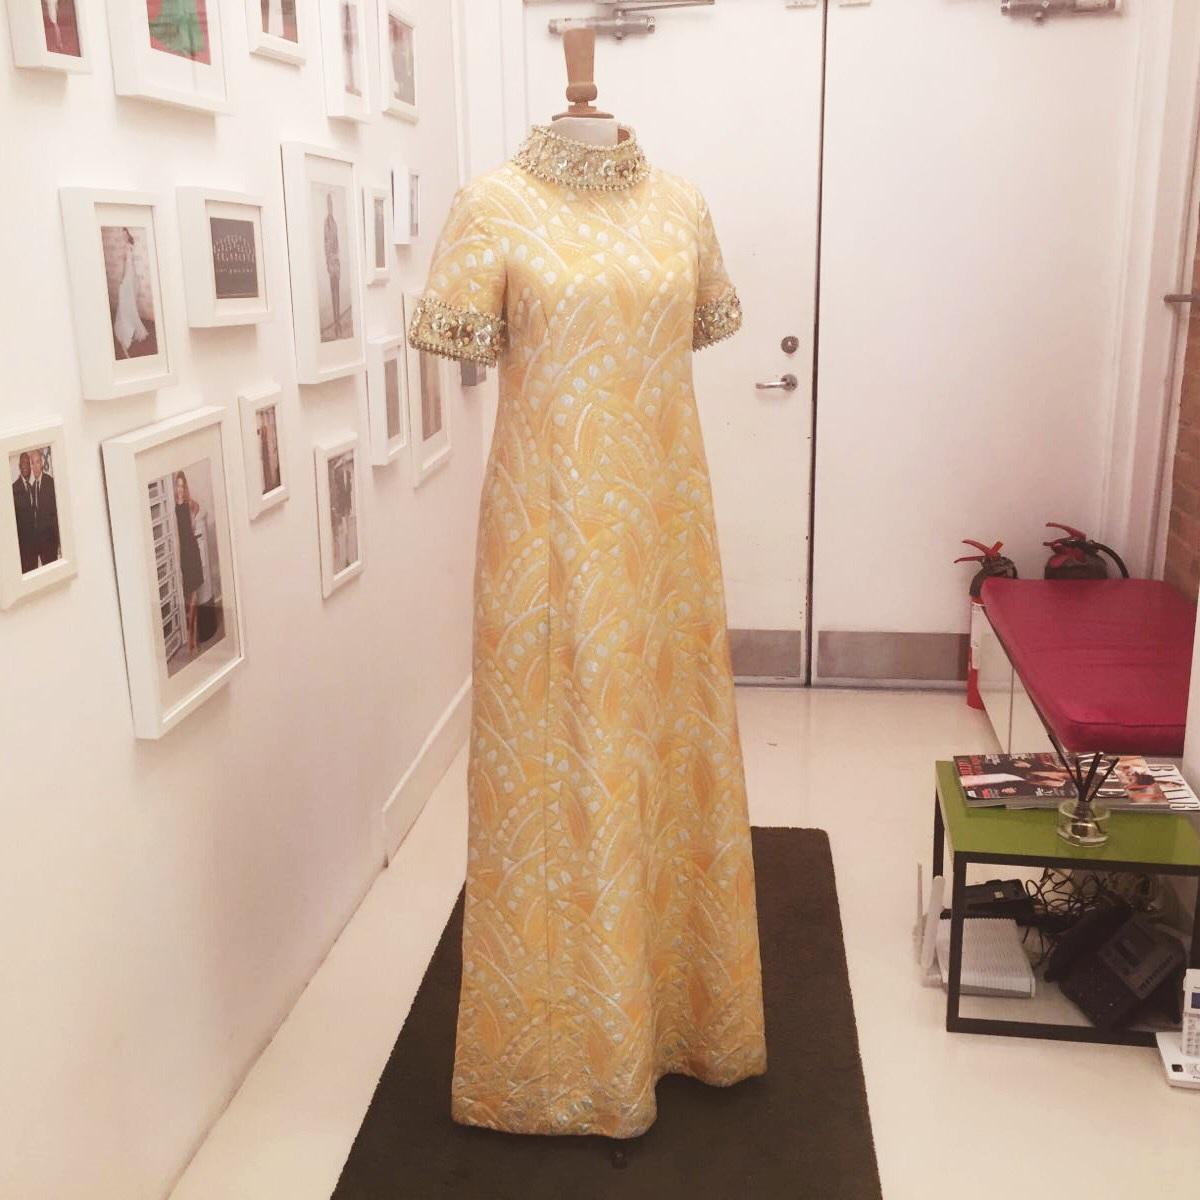 Bellville et Cie Dress